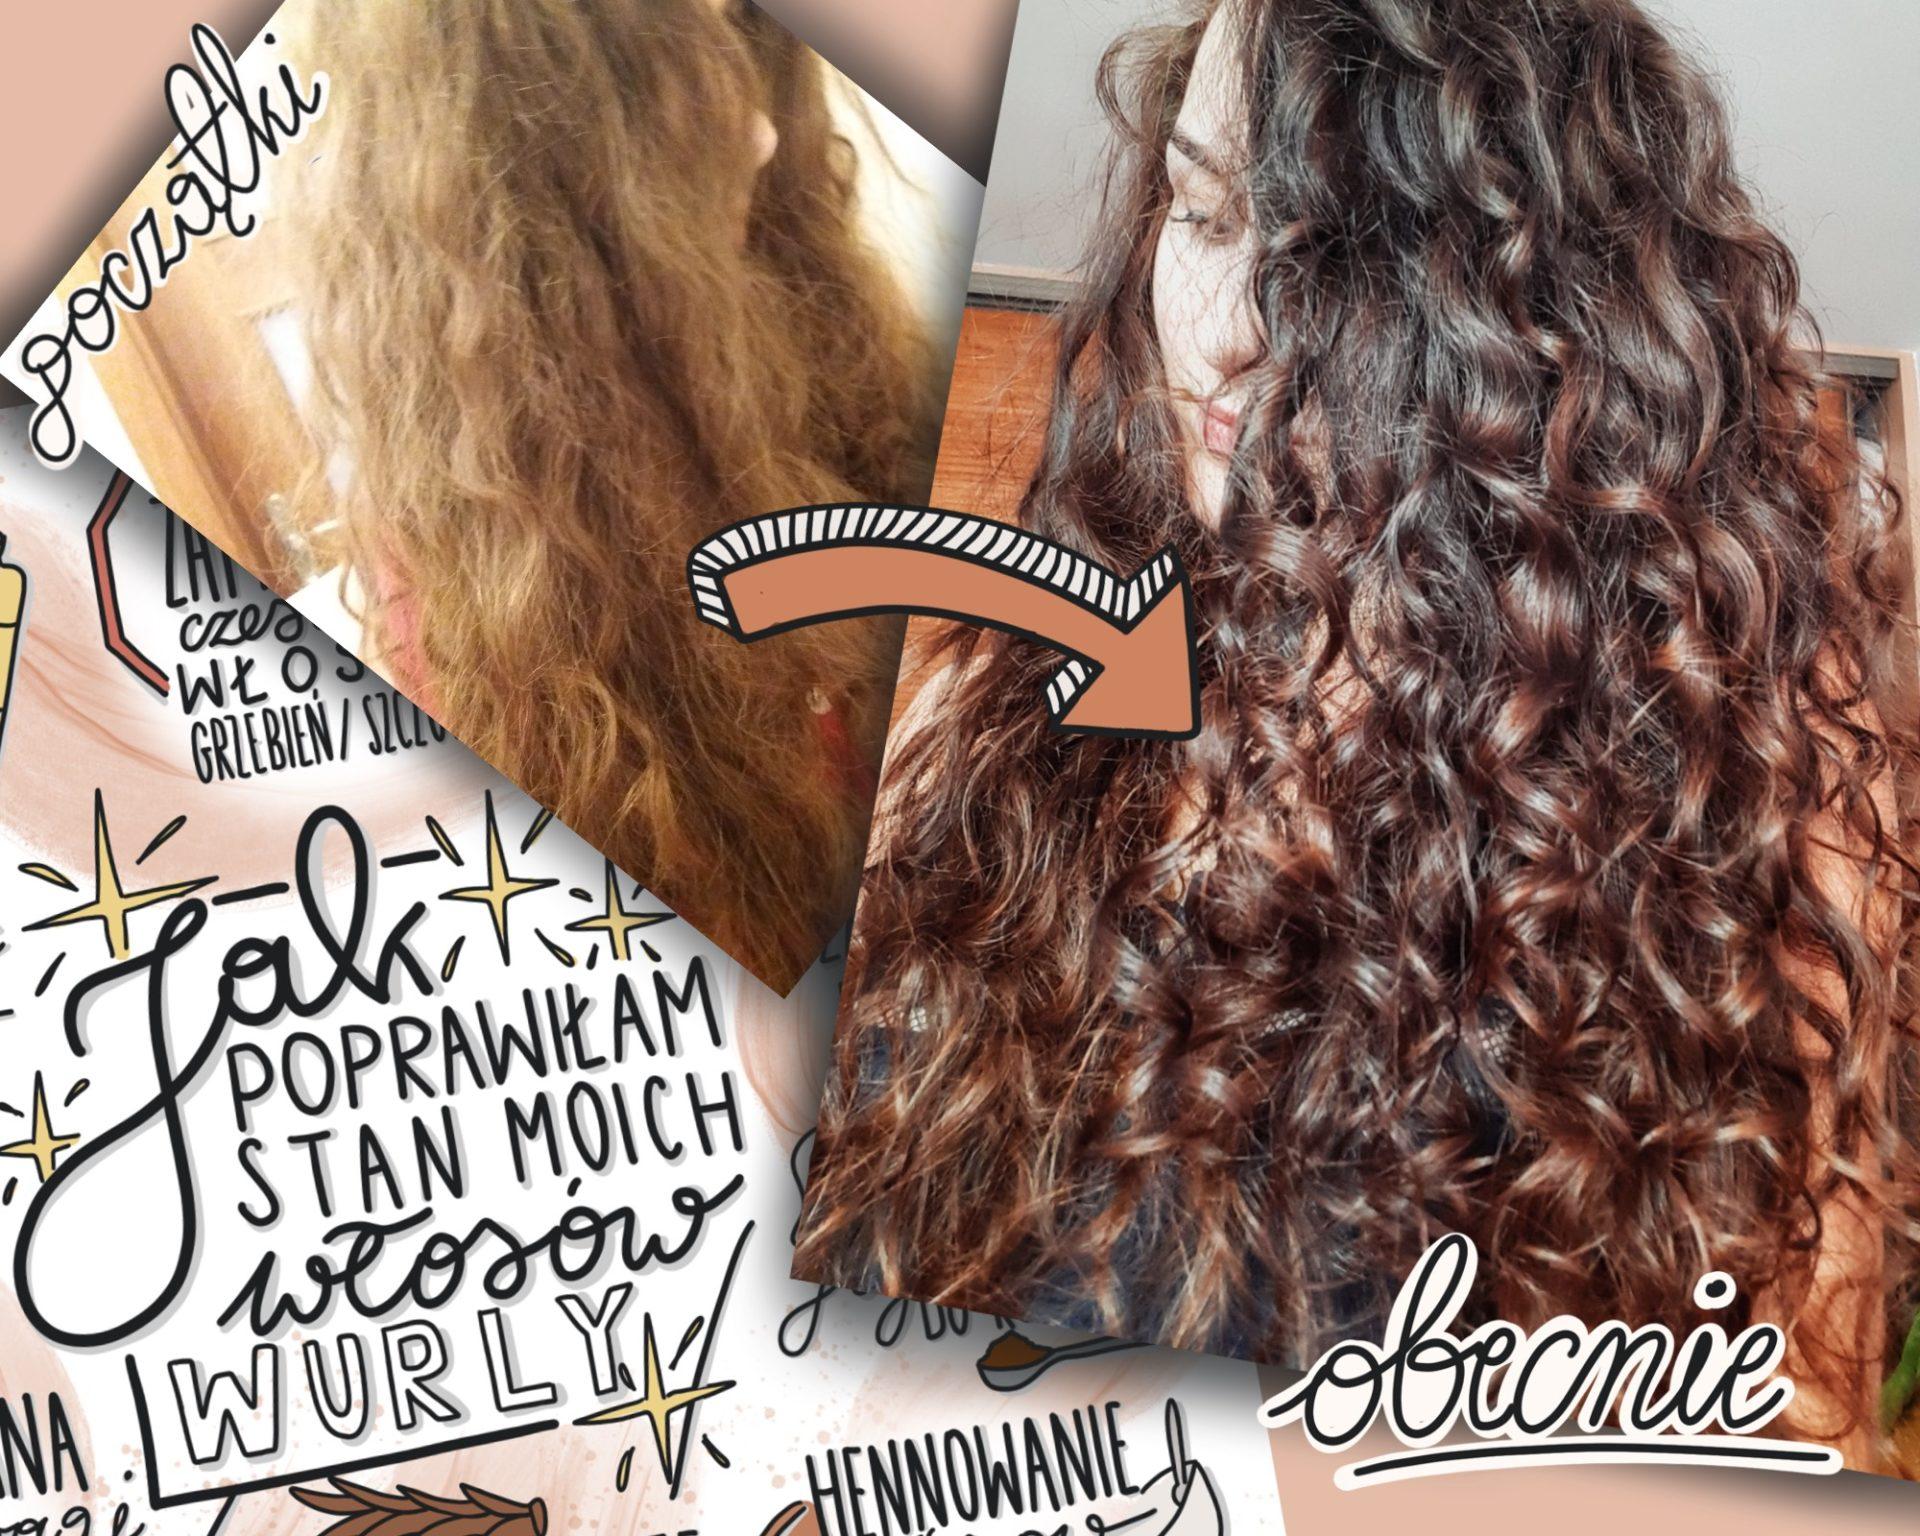 Jak poprawiłam stan moich włosów? – wurly.